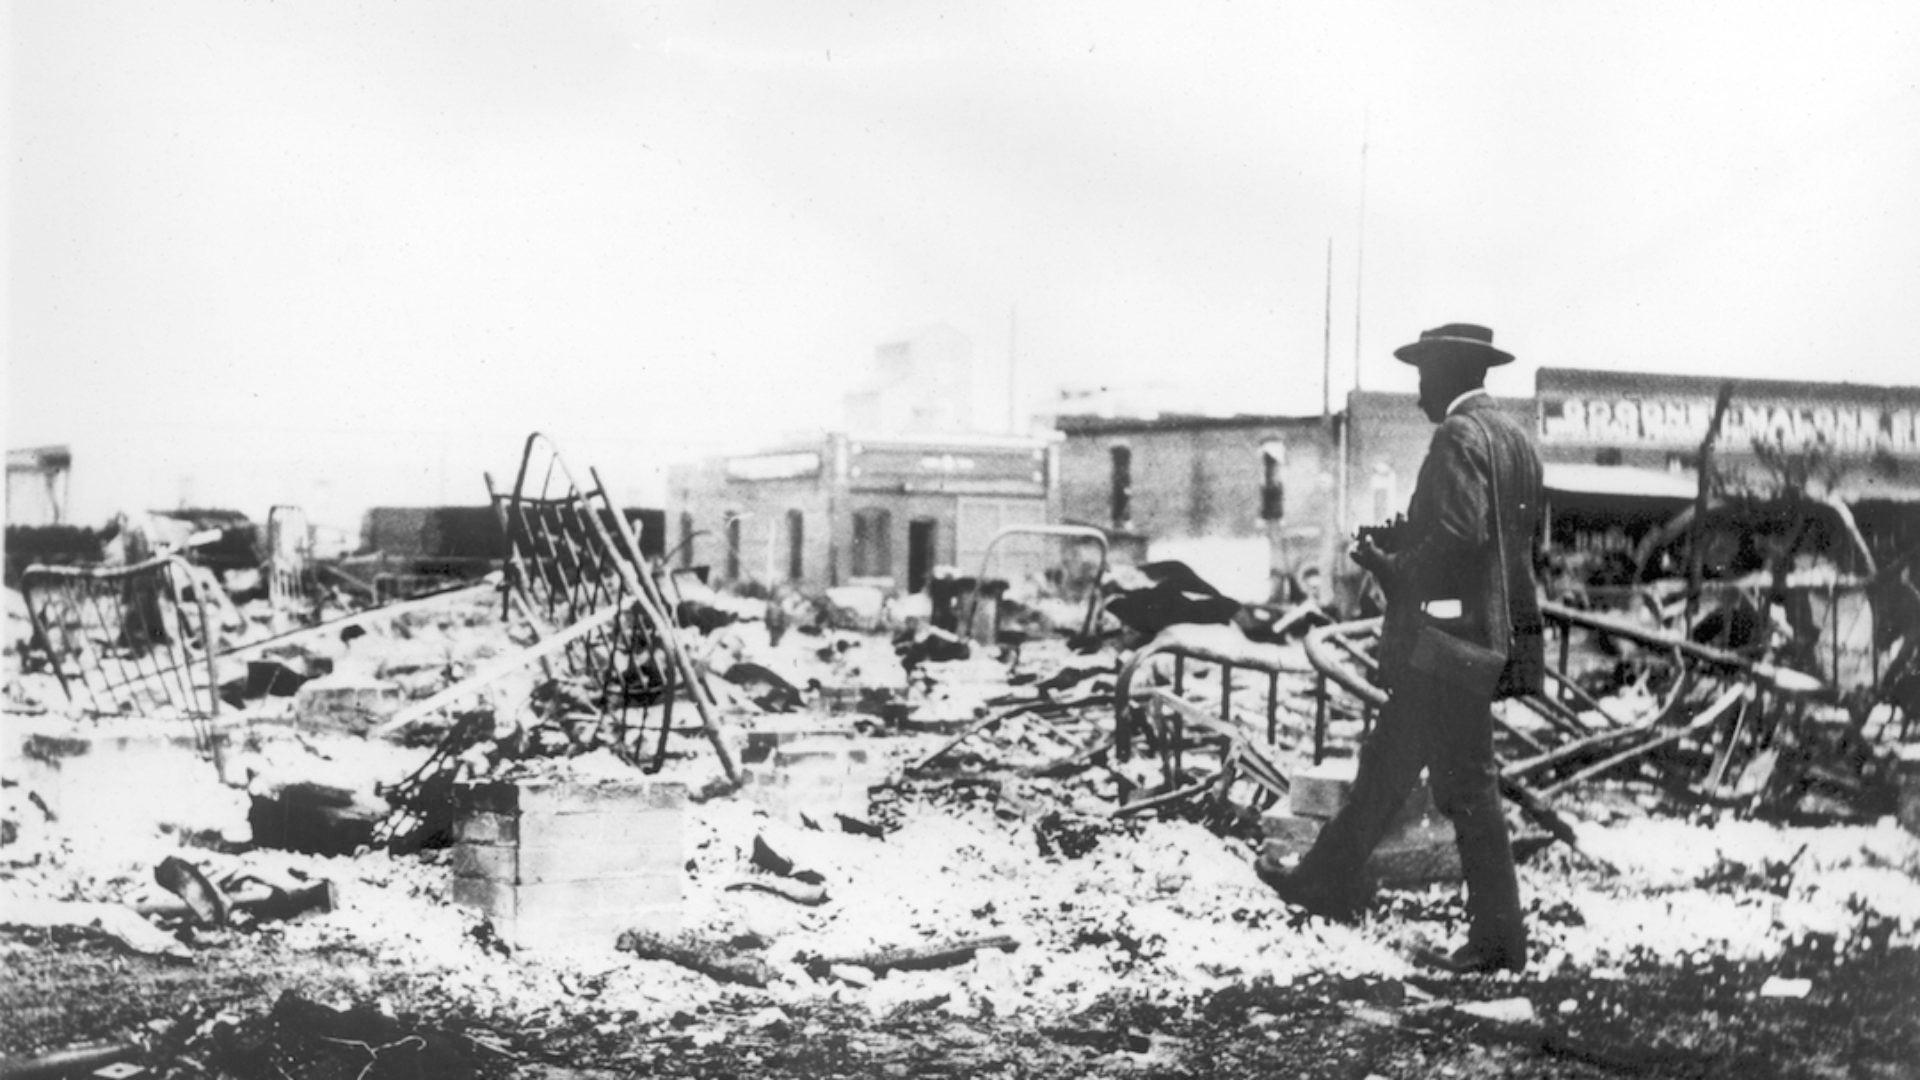 HBO's 'Watchmen' Premiere Sheds Light On Tulsa Race Massacre Of 1921